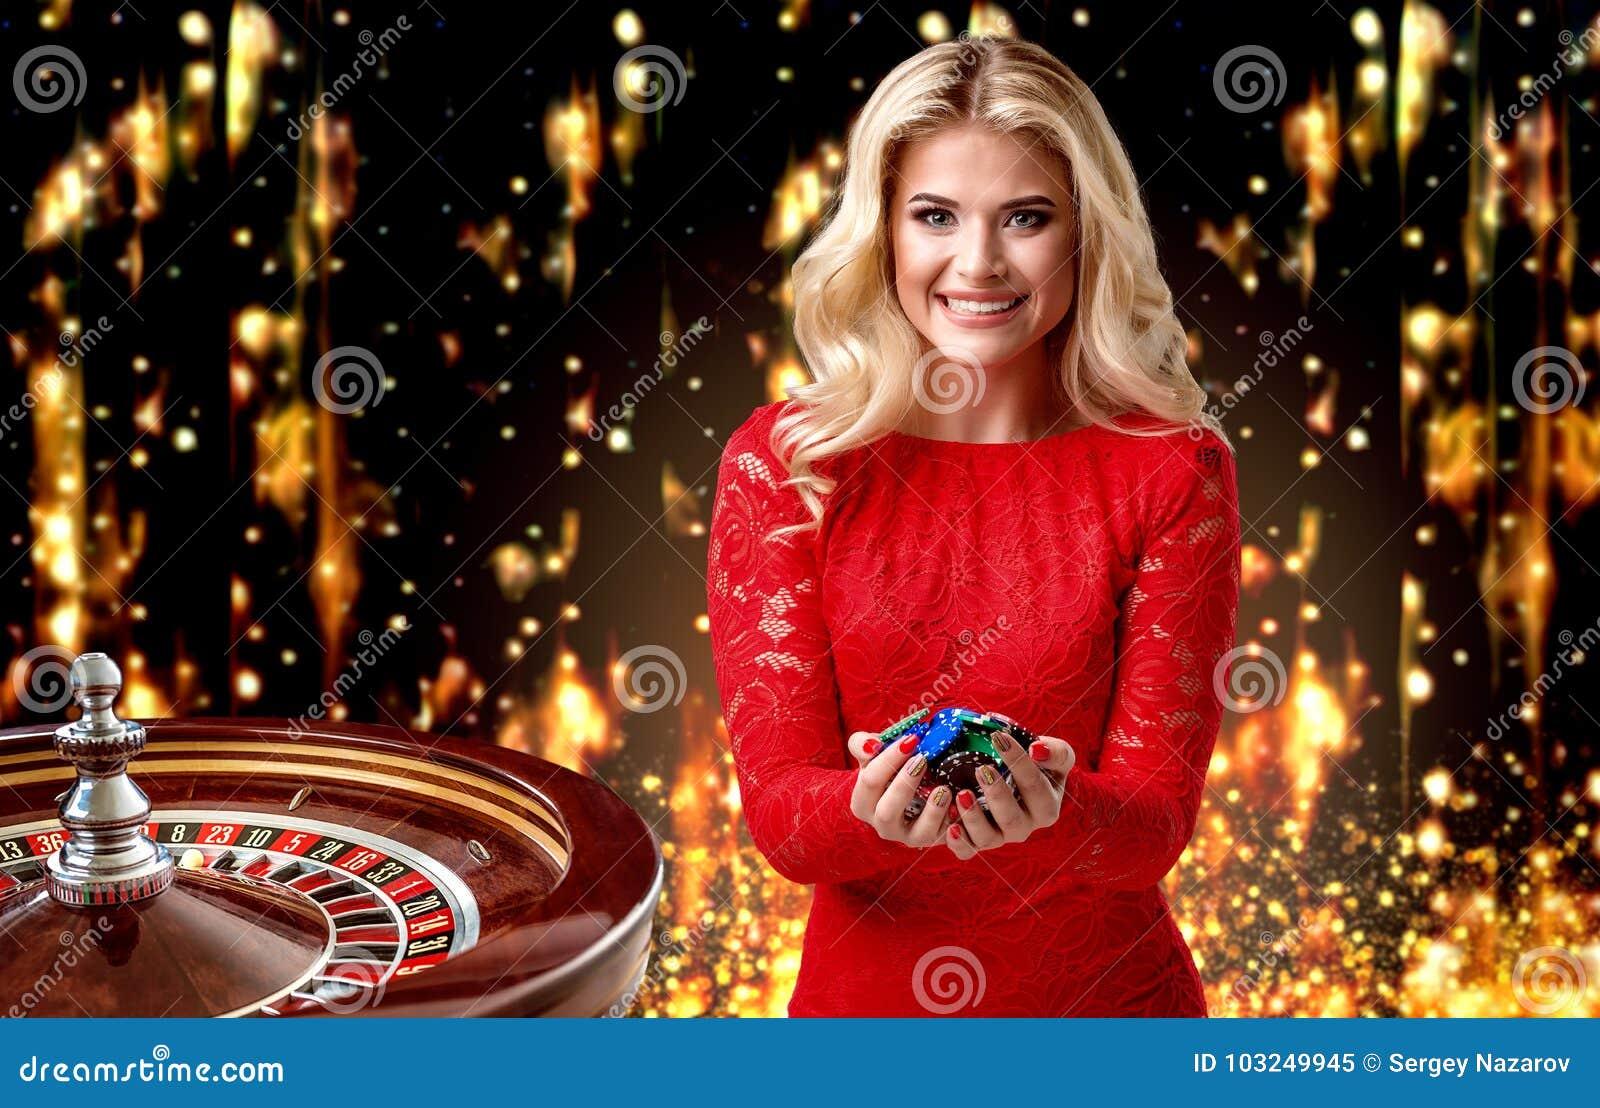 Den härliga blonda flickan med chiper står på bakgrunden av en kunglig roulett collage med en hasardspelare, roulett och